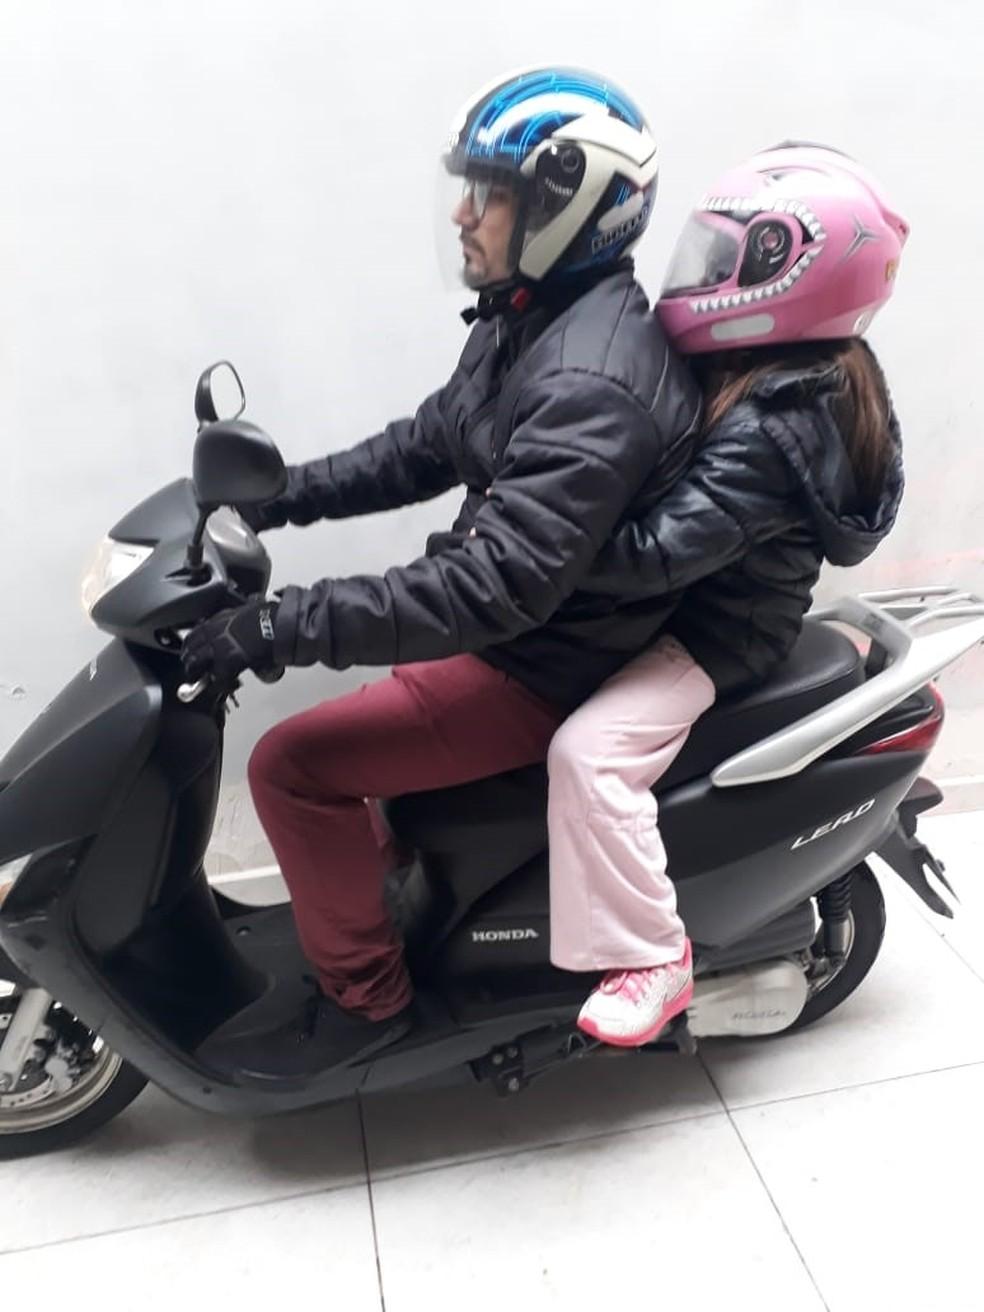 Criança na garupa, apenas a partir dos 7 anos de idade, com a postura correta e com capacete apropriado. Foto divulgação Sanmell. (Foto: Divulgação Sanmell Motos)